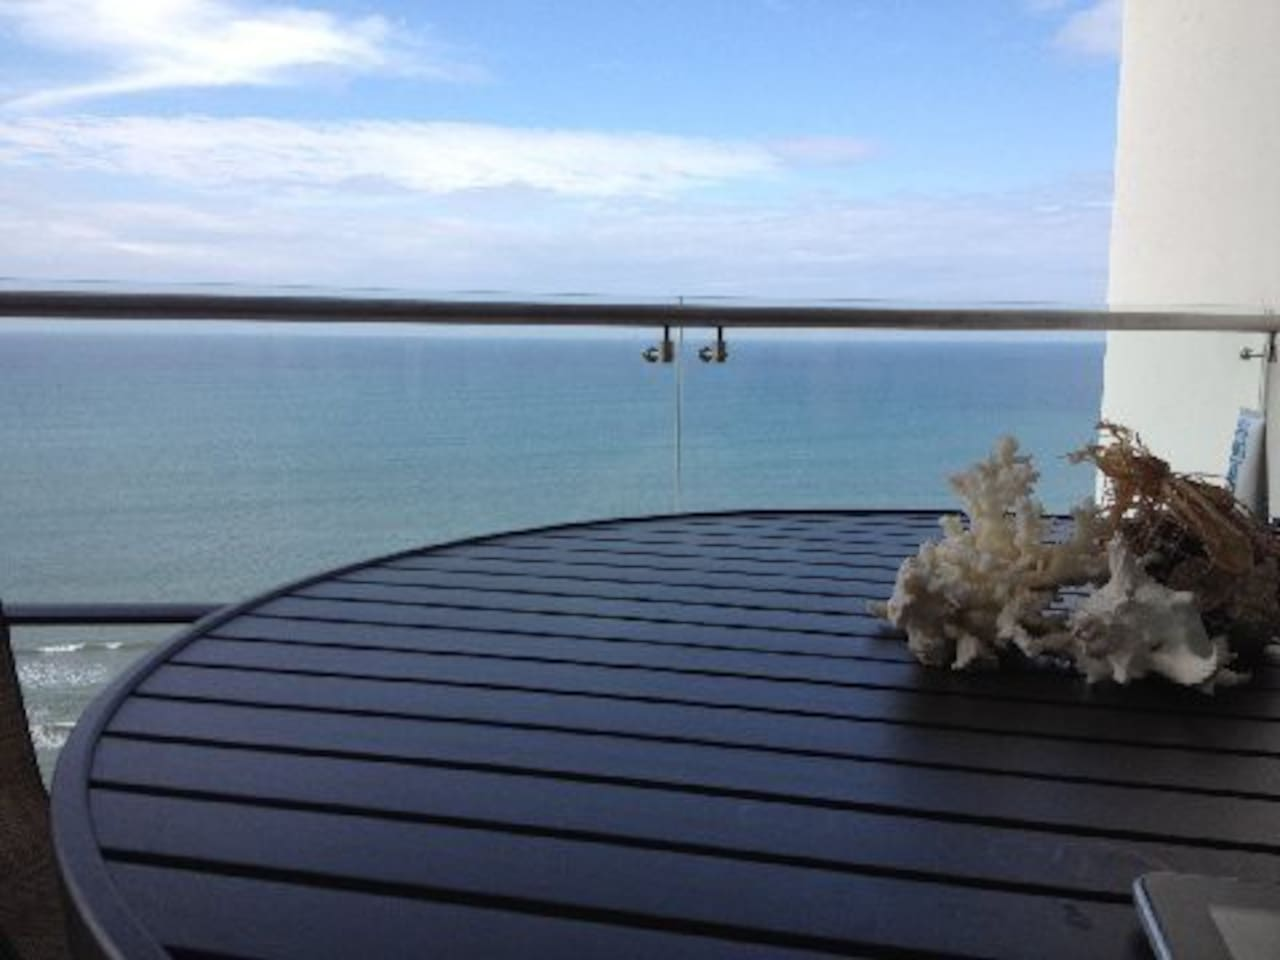 Bacony overlooking ocean.